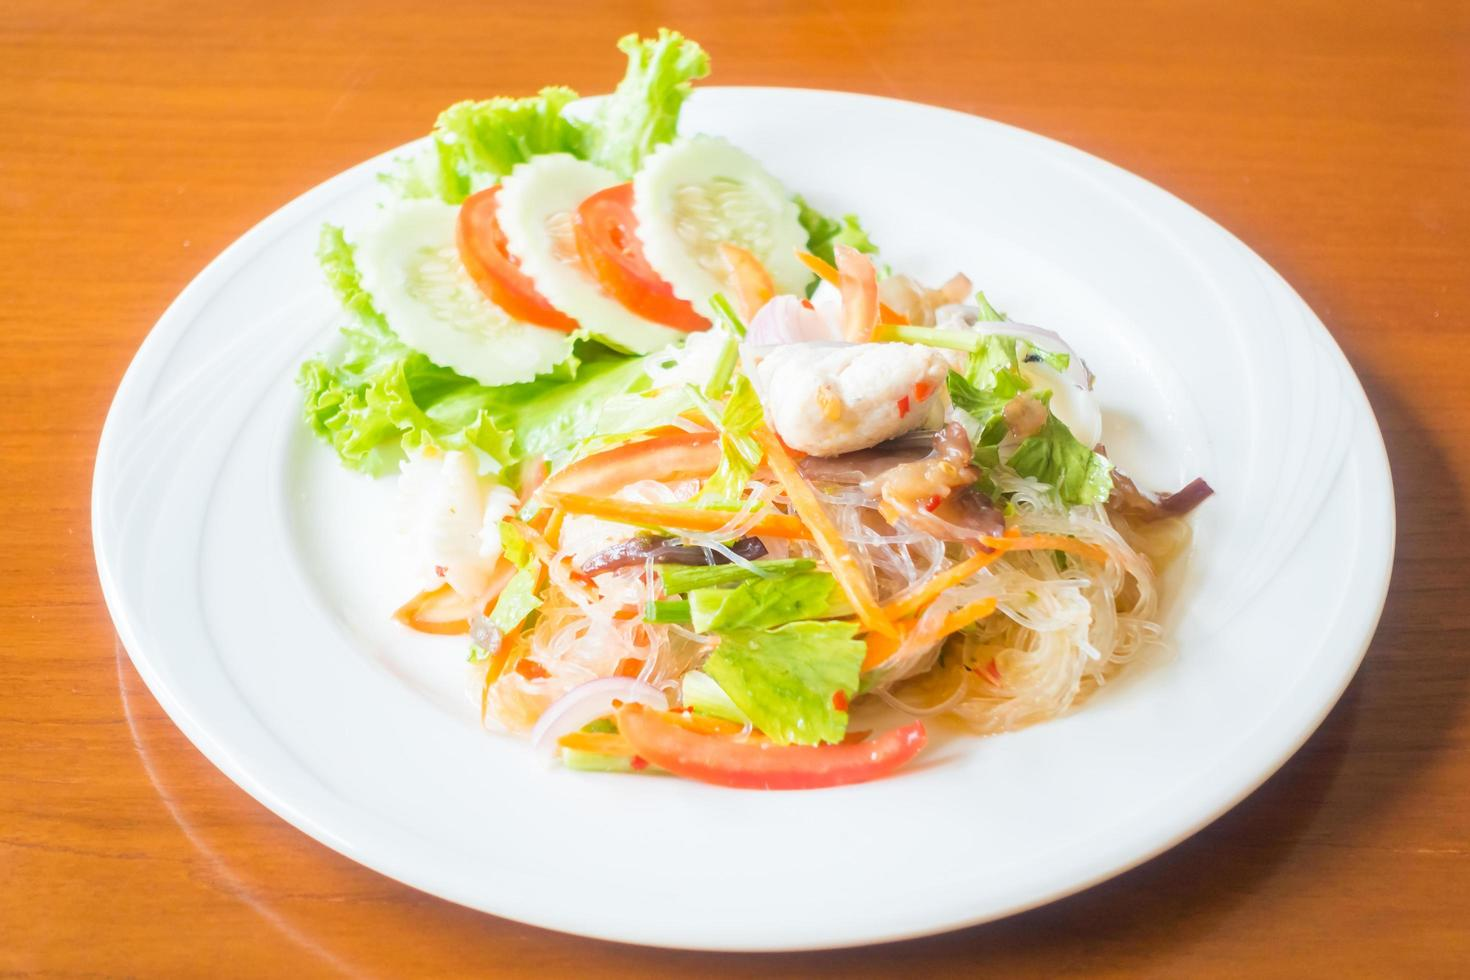 ensalada picante tailandesa foto